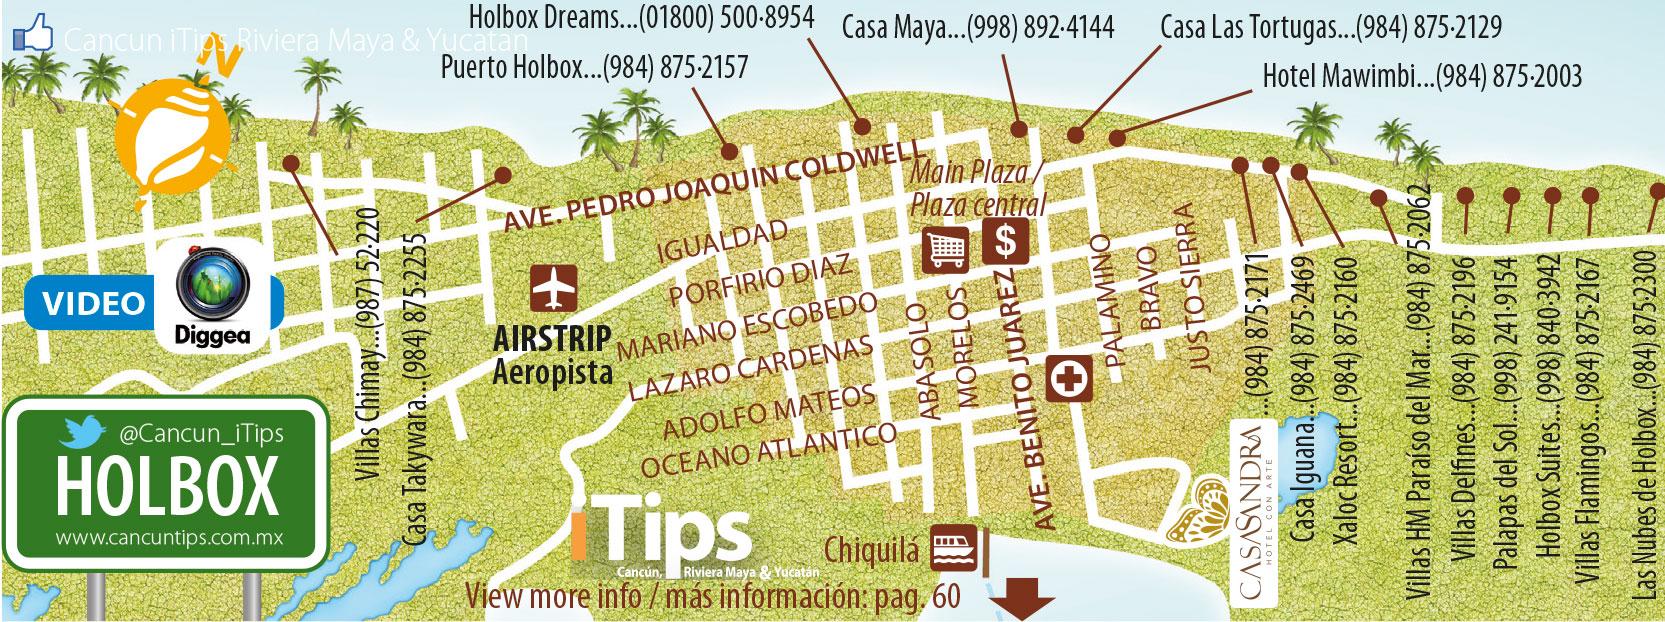 Mapa Holbox Cancun Tips